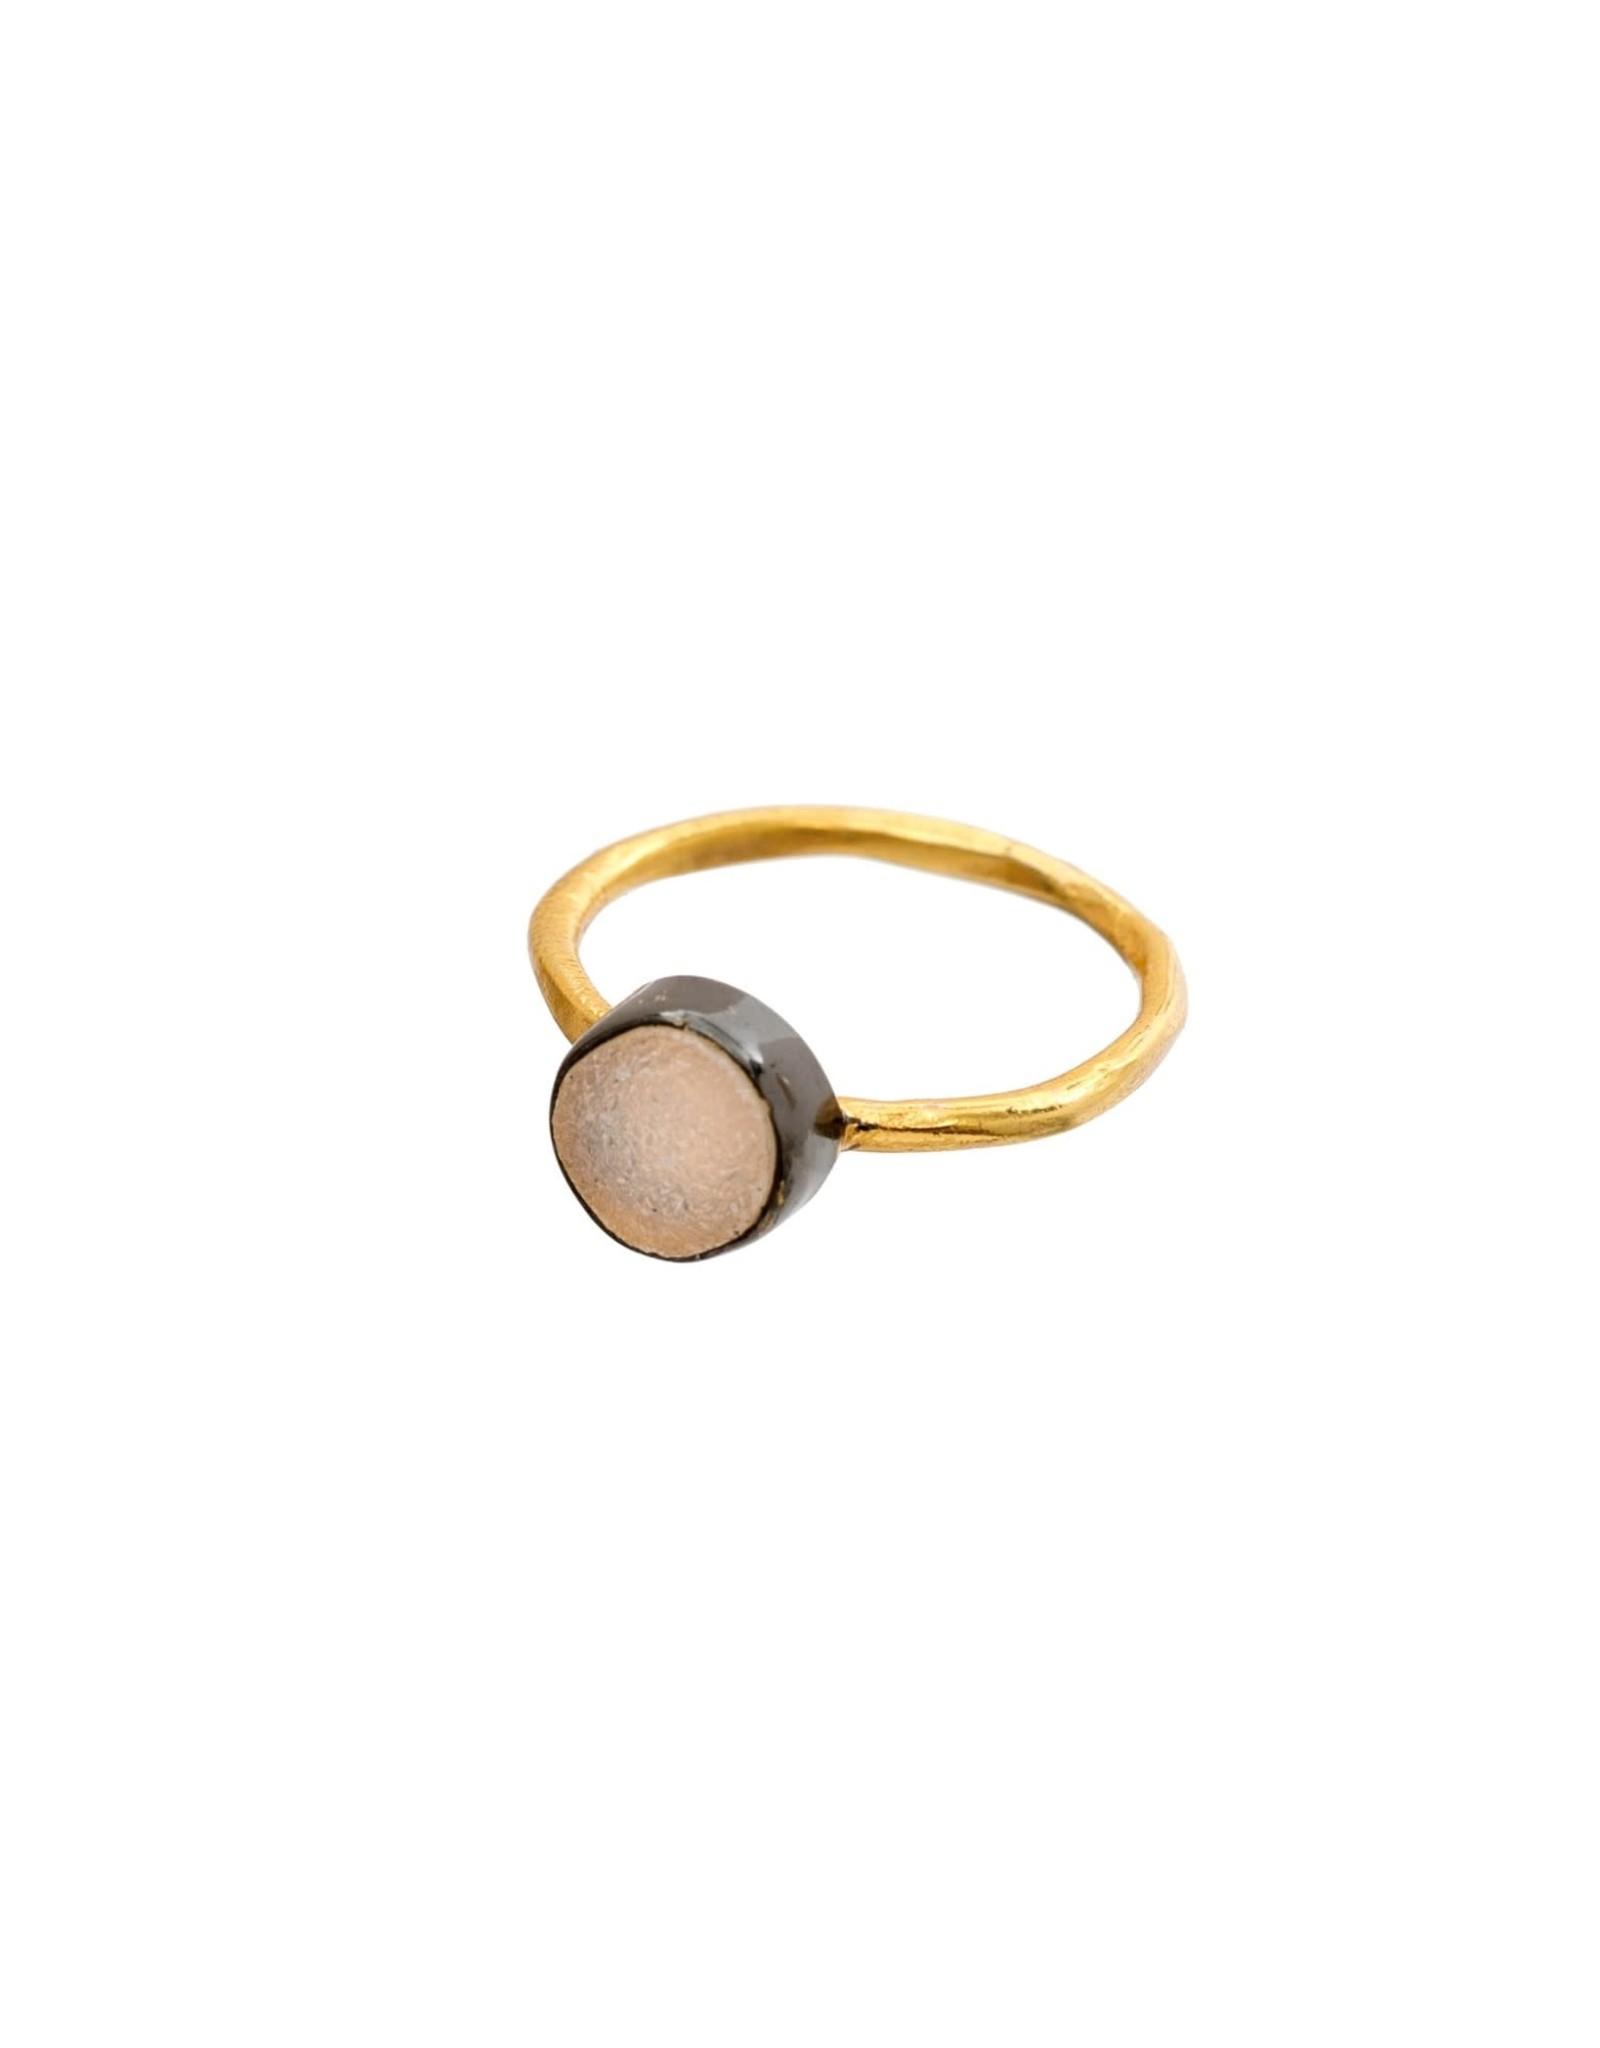 Indaba Stonegold Ring - White Druzy - 7